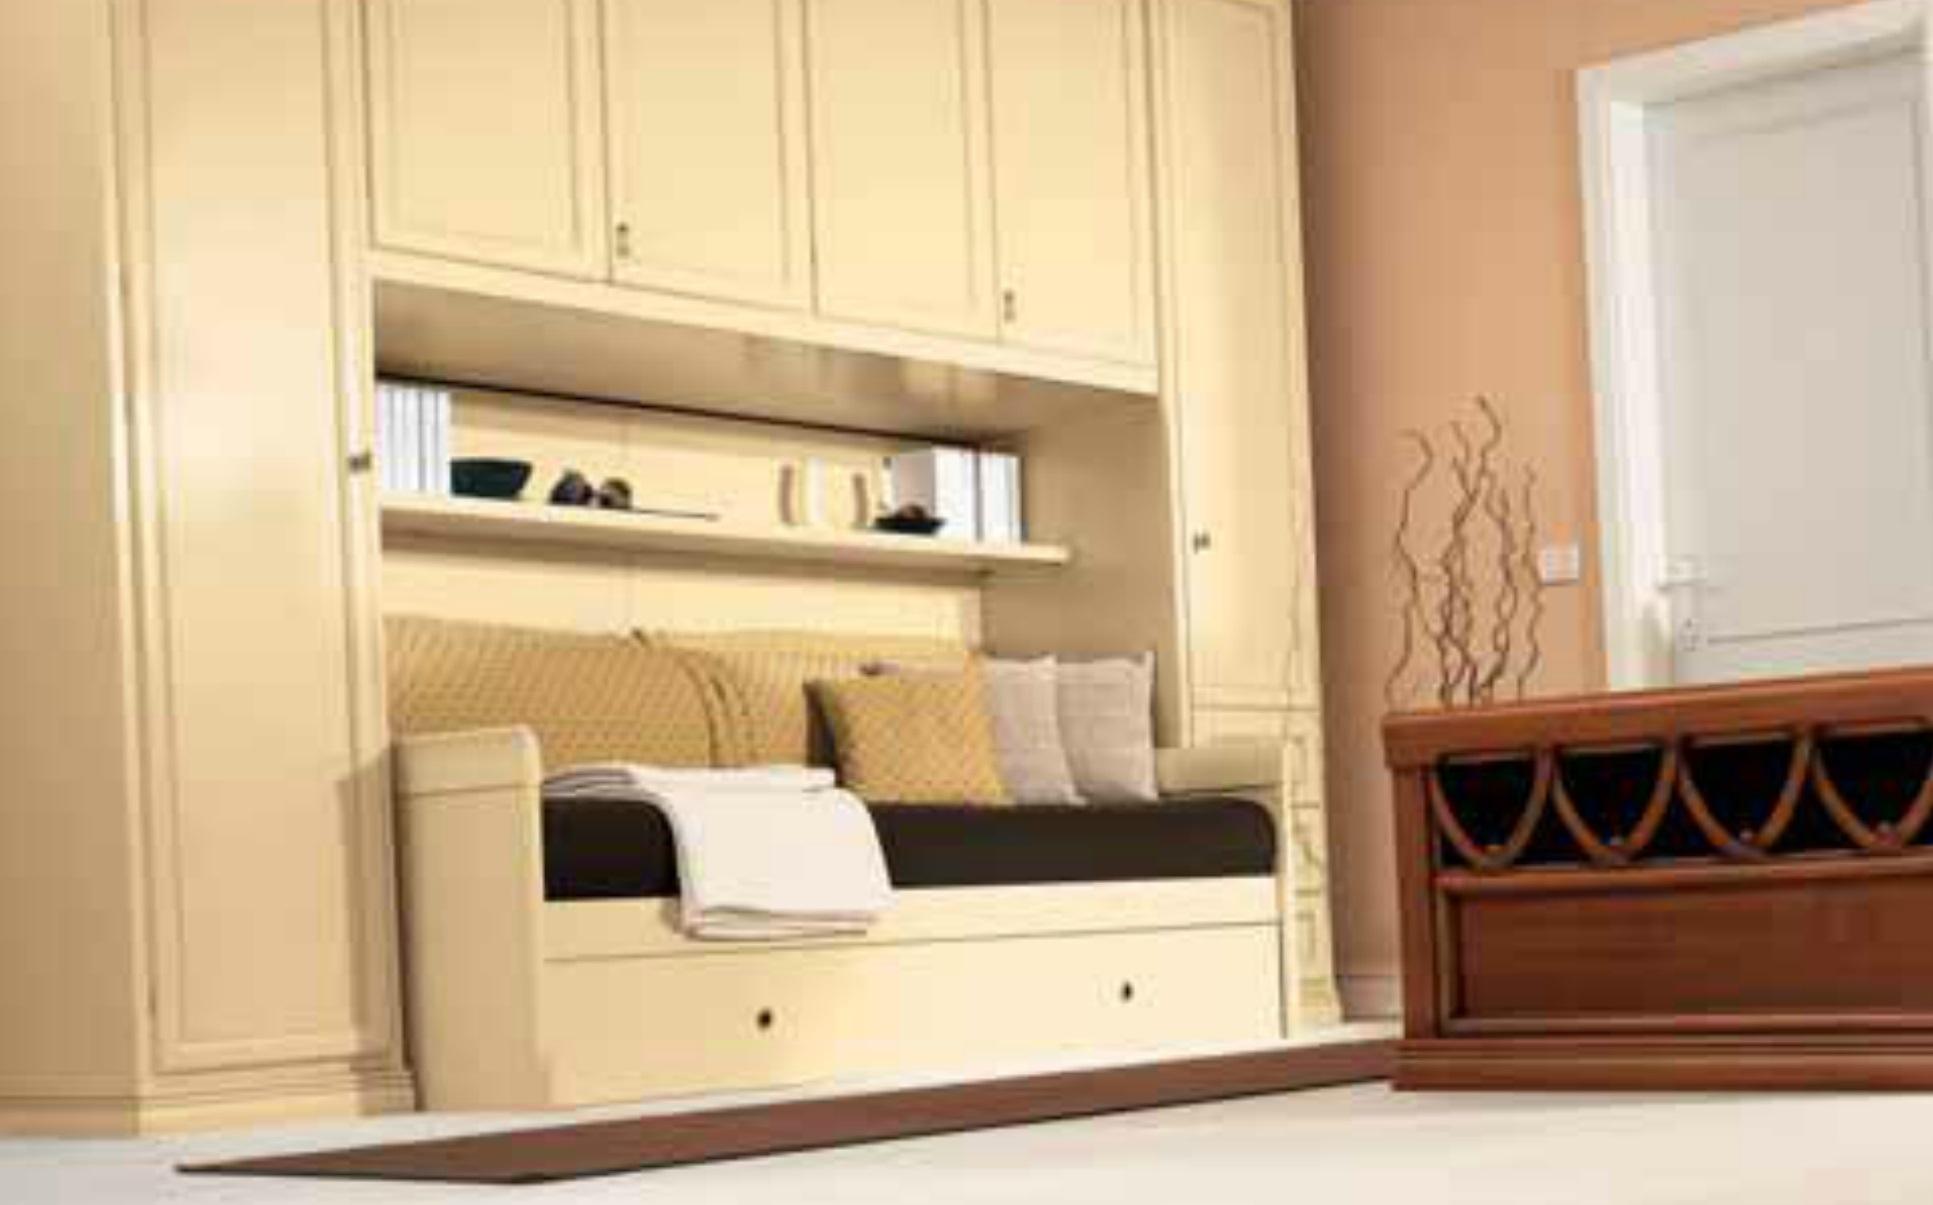 Cameretta a ponte con un letto in stile provenzale - Cameretta stile provenzale ...